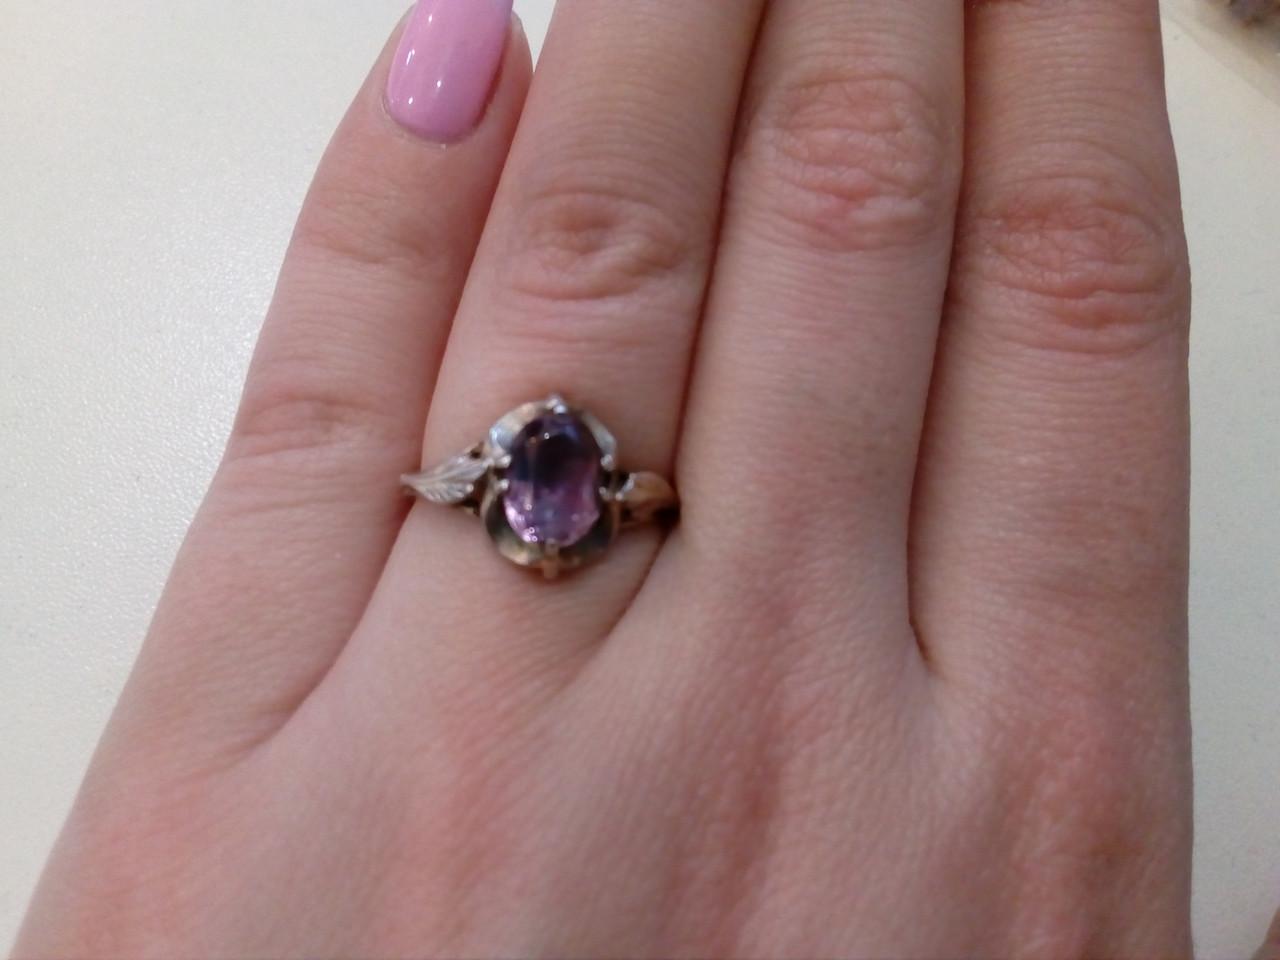 22060690db18 Старинное кольцо с Александритом в серебре.16 размер. Серебряное кольцо. -  Интернет-